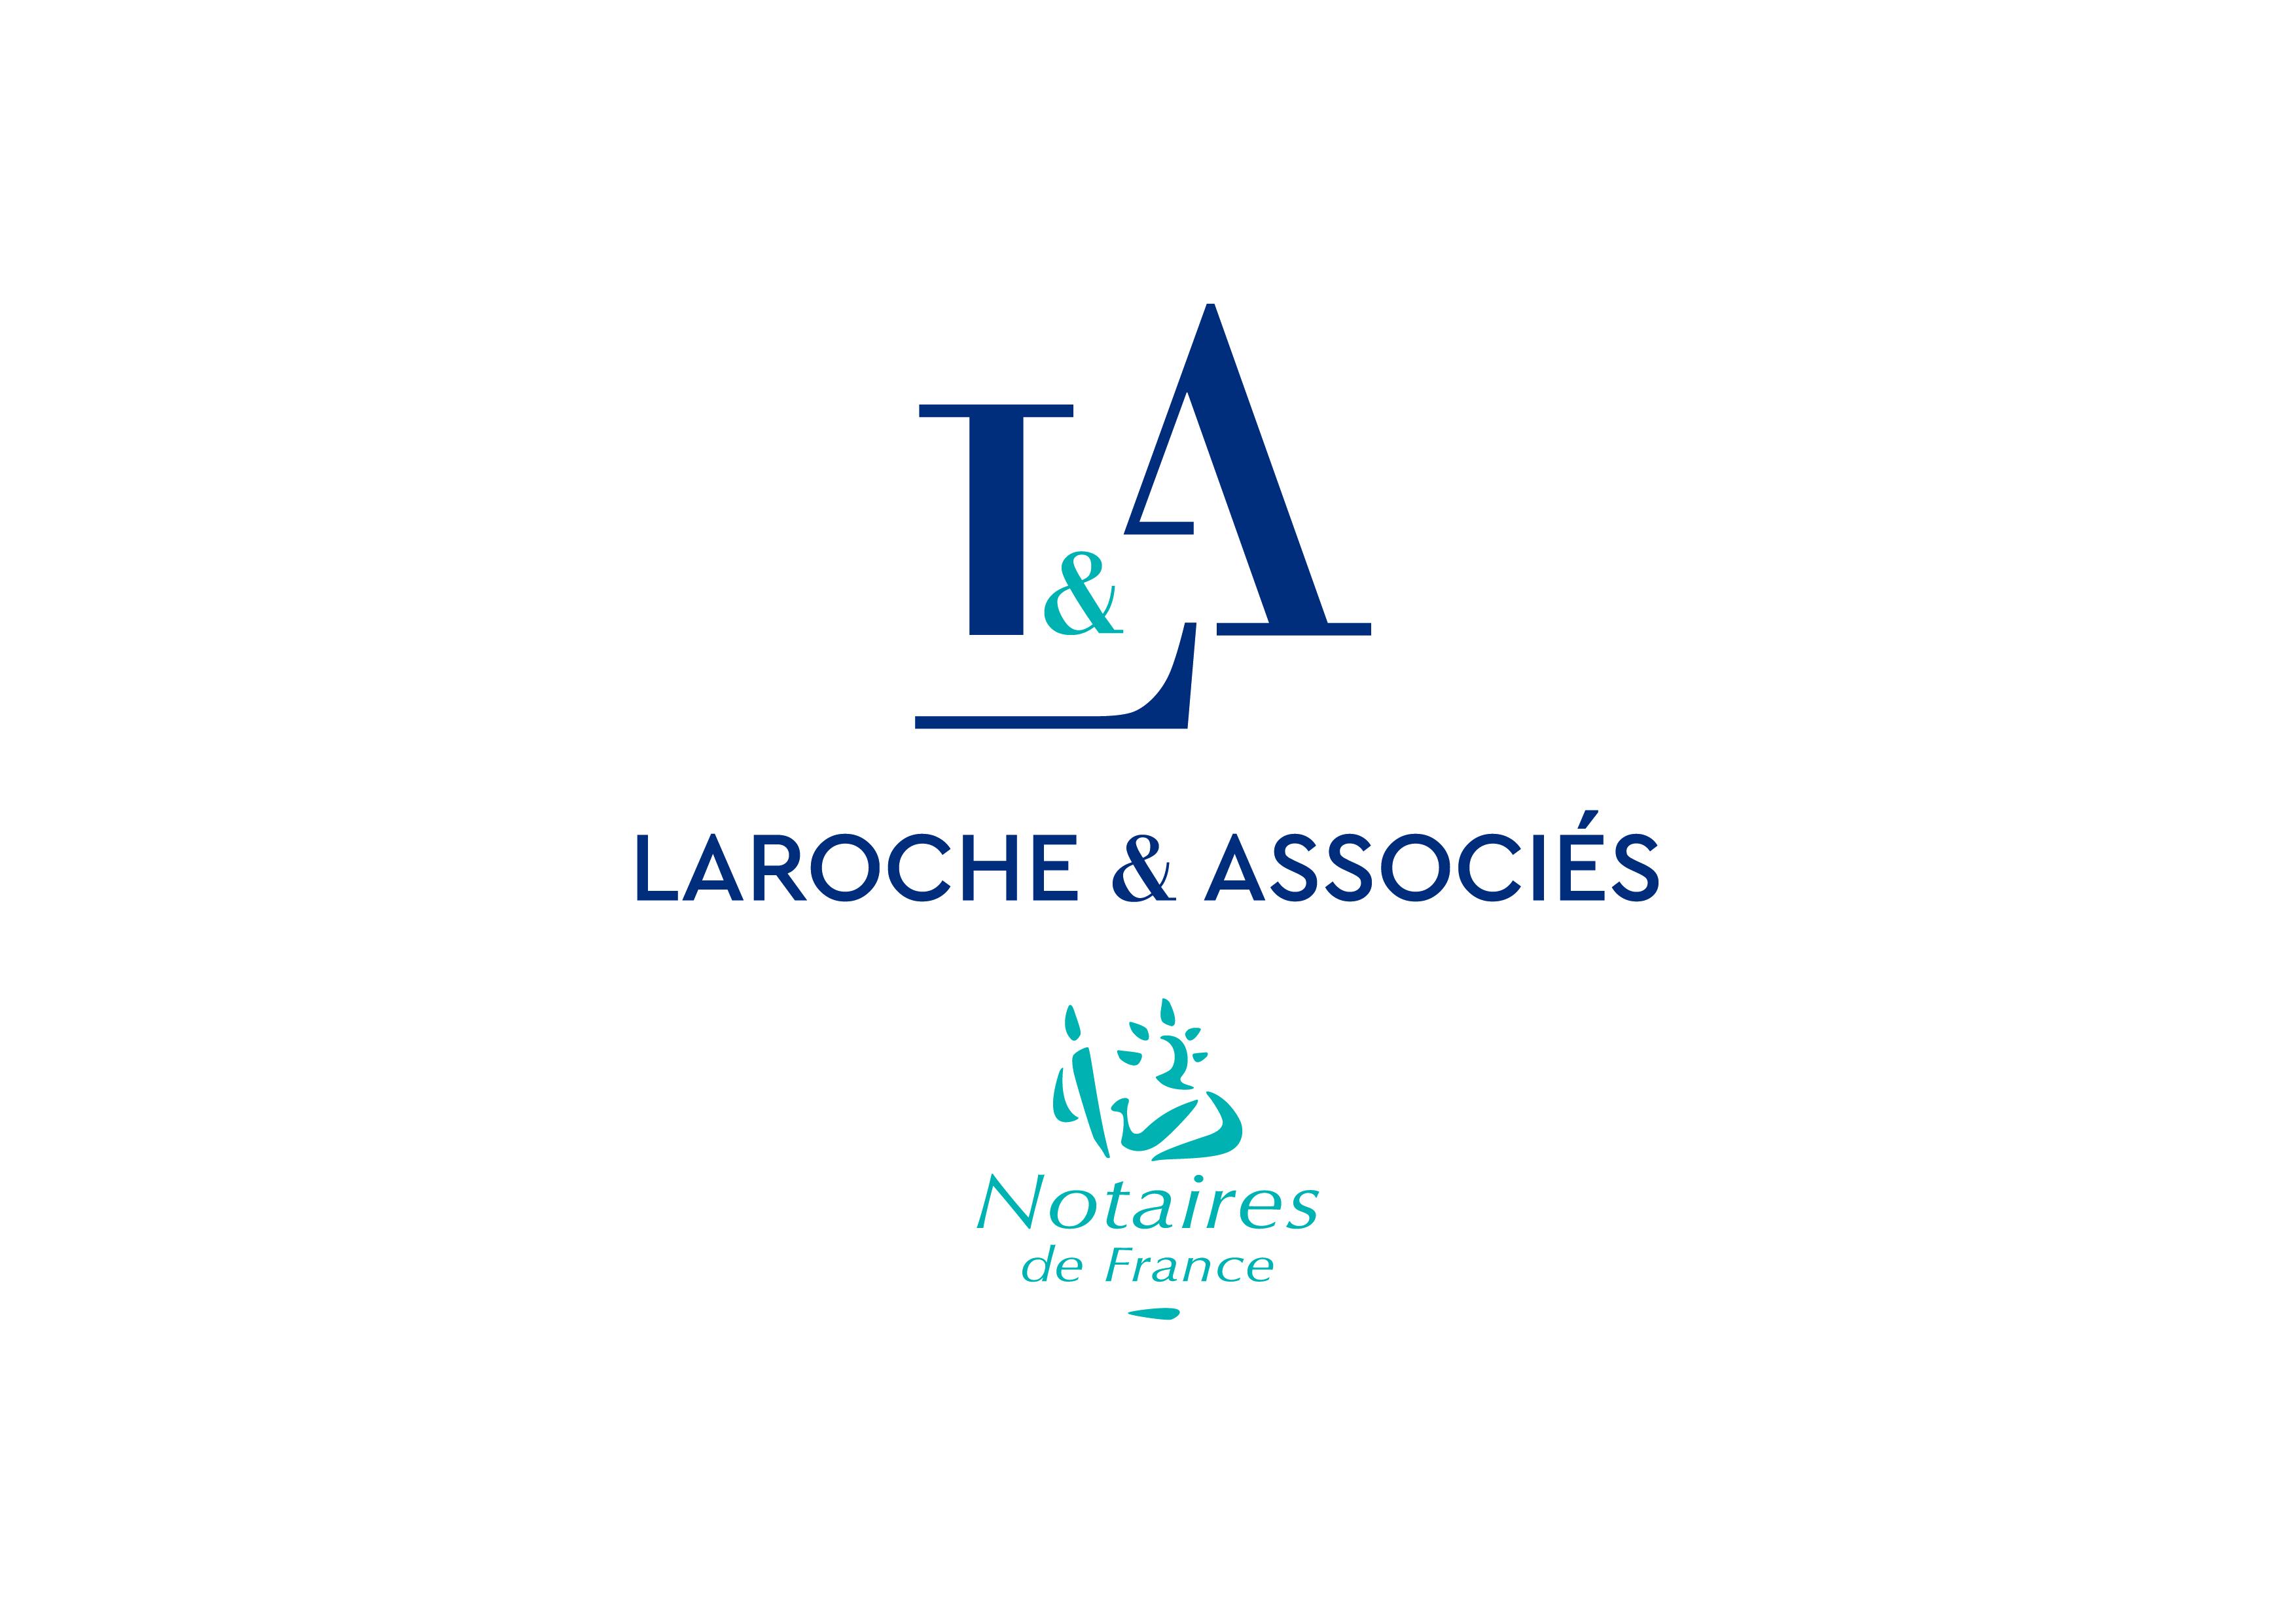 Laroche & Associés